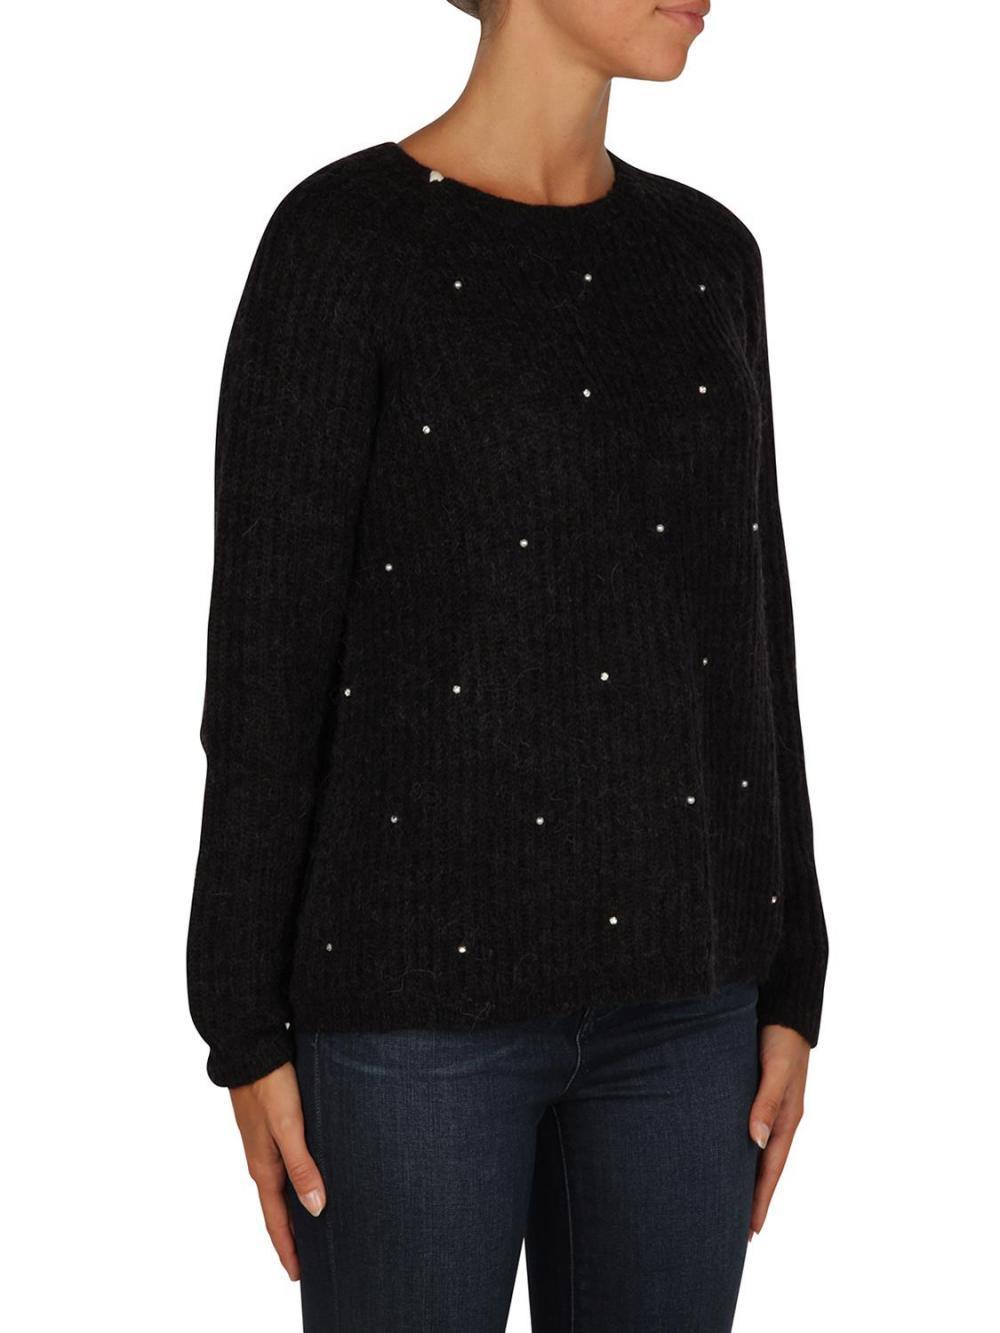 pullover-in-misto-lana-merino-donna-sun68-cod-k28234